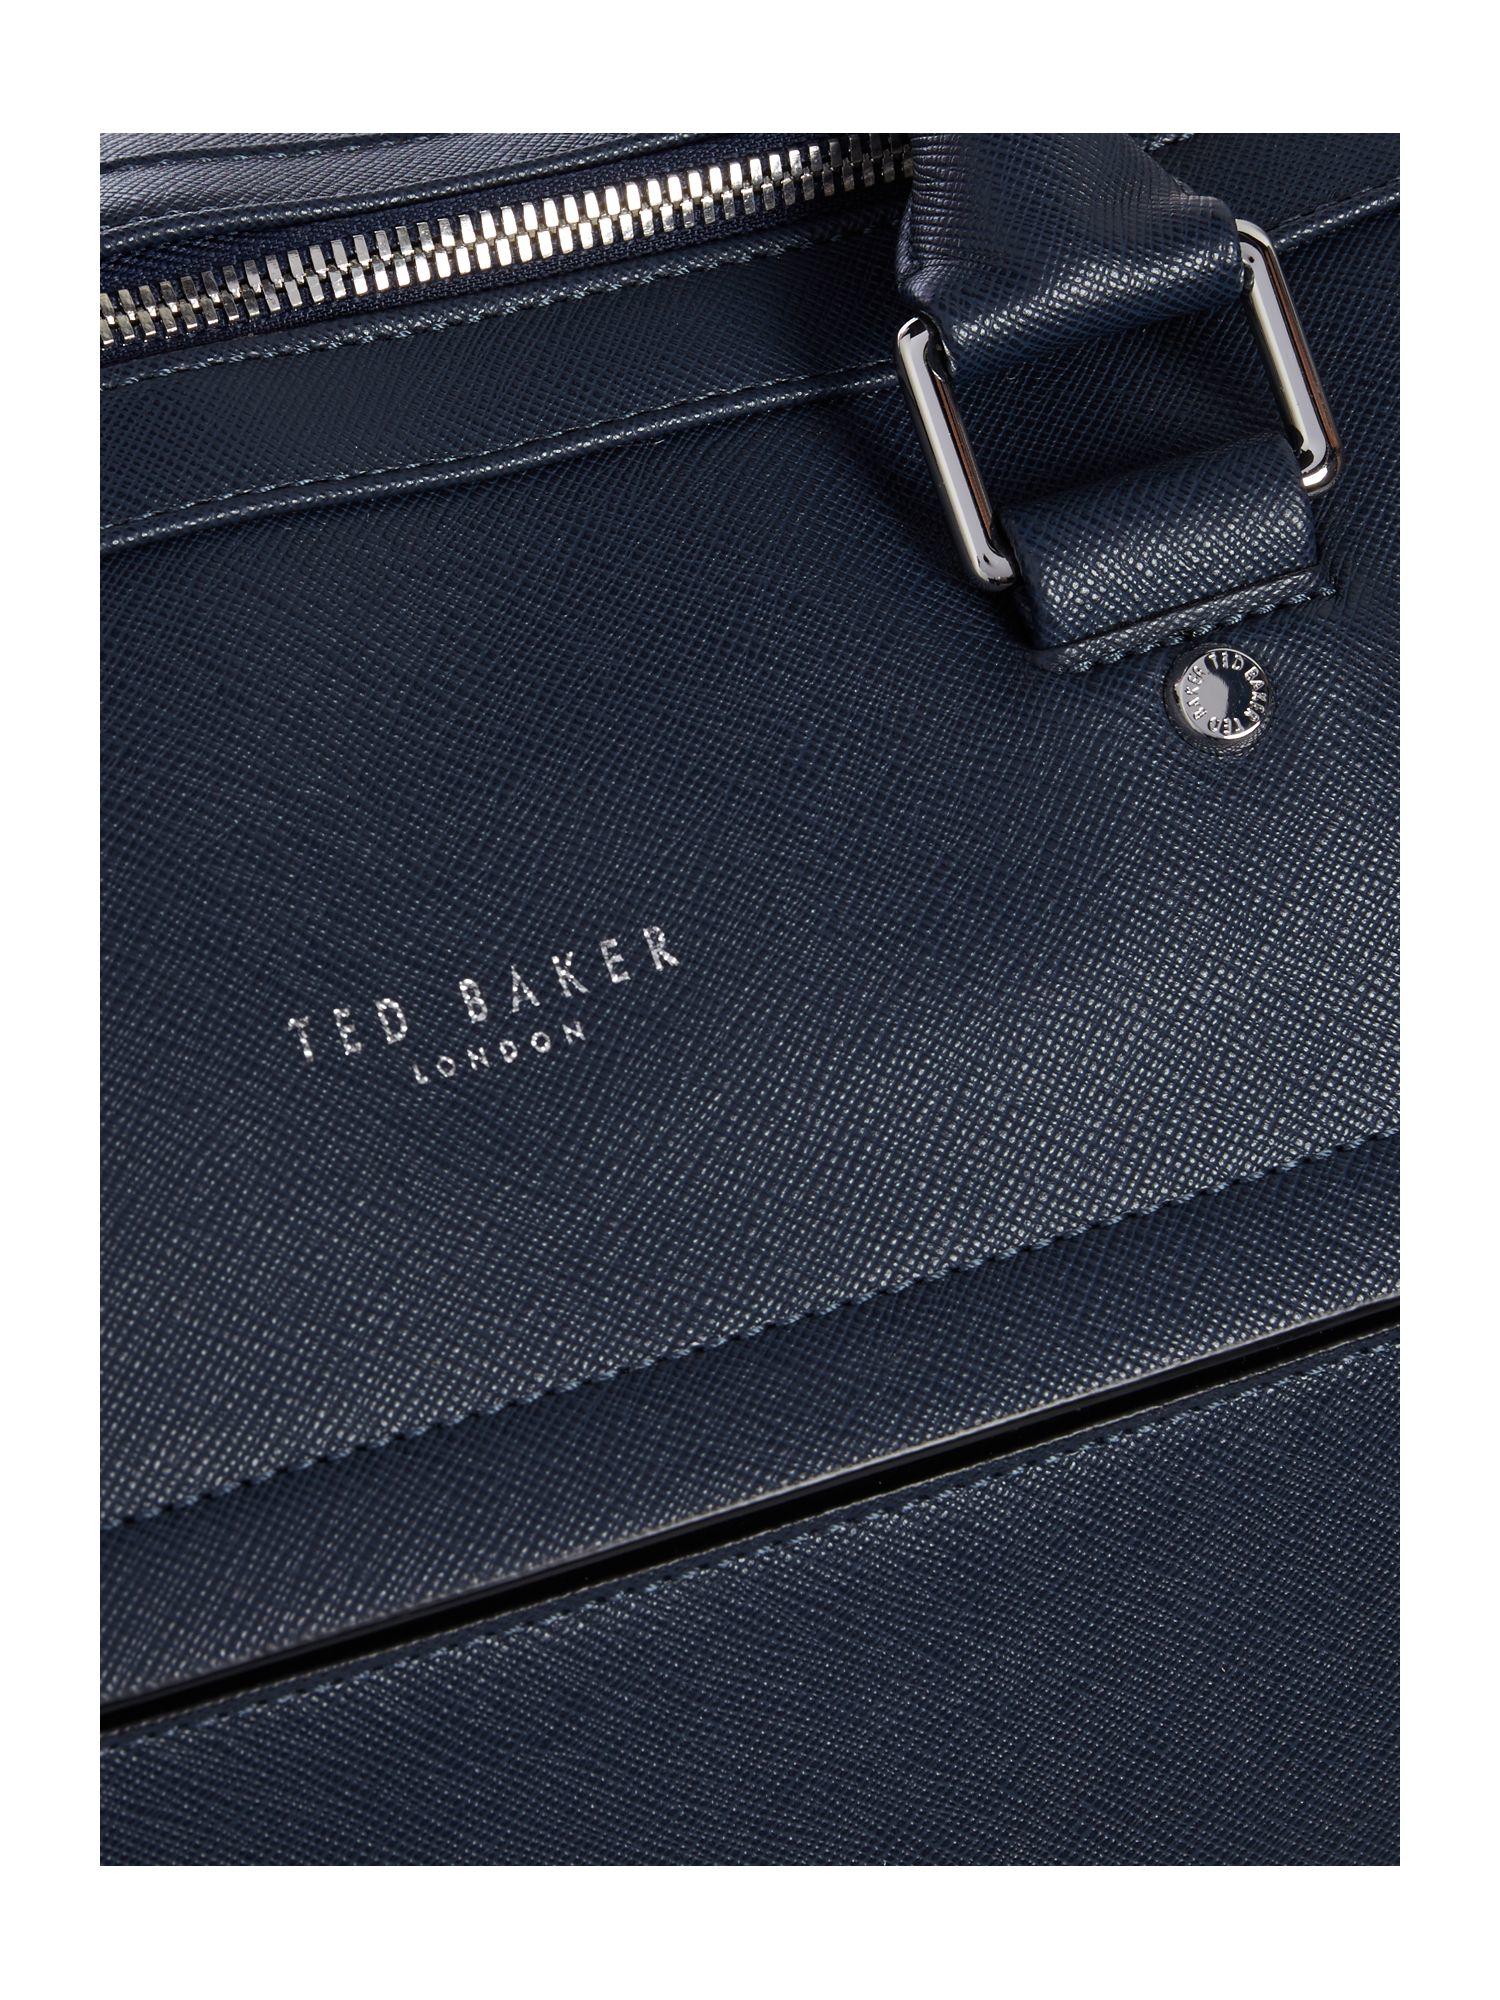 Ted Baker Signals Cross Grain Holdall in Navy (Blue) for Men